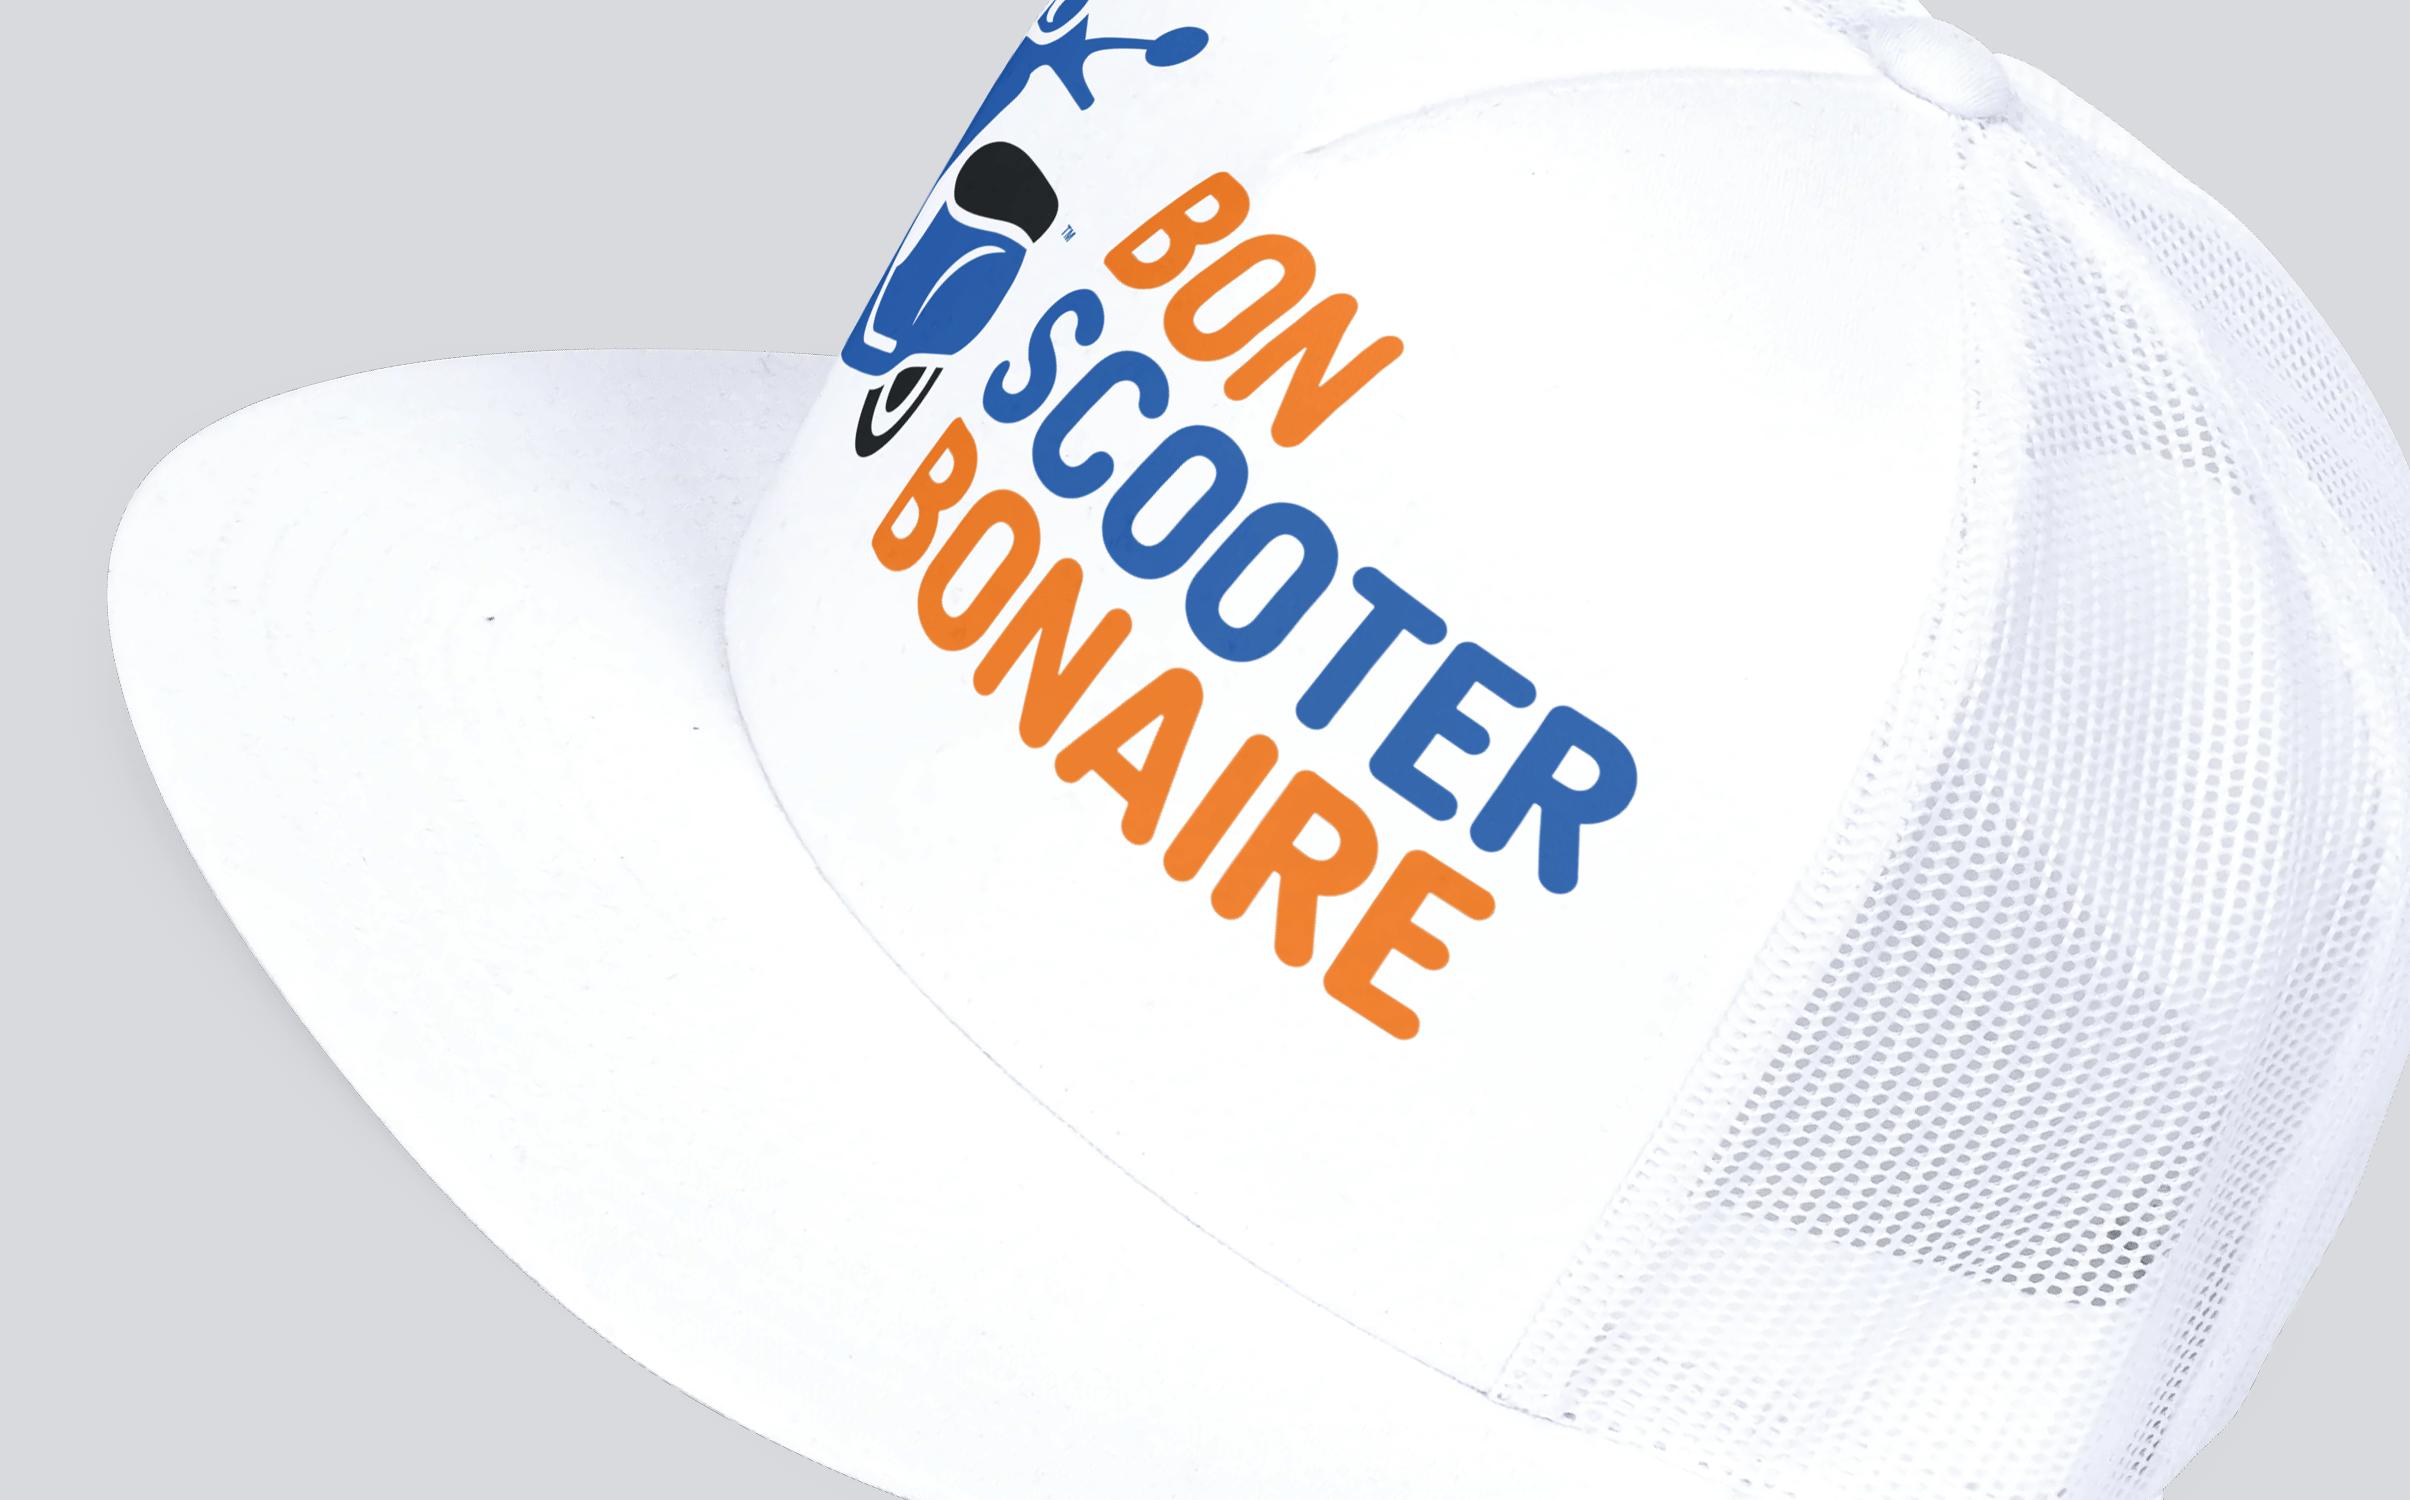 Bon Scooter Bonaire